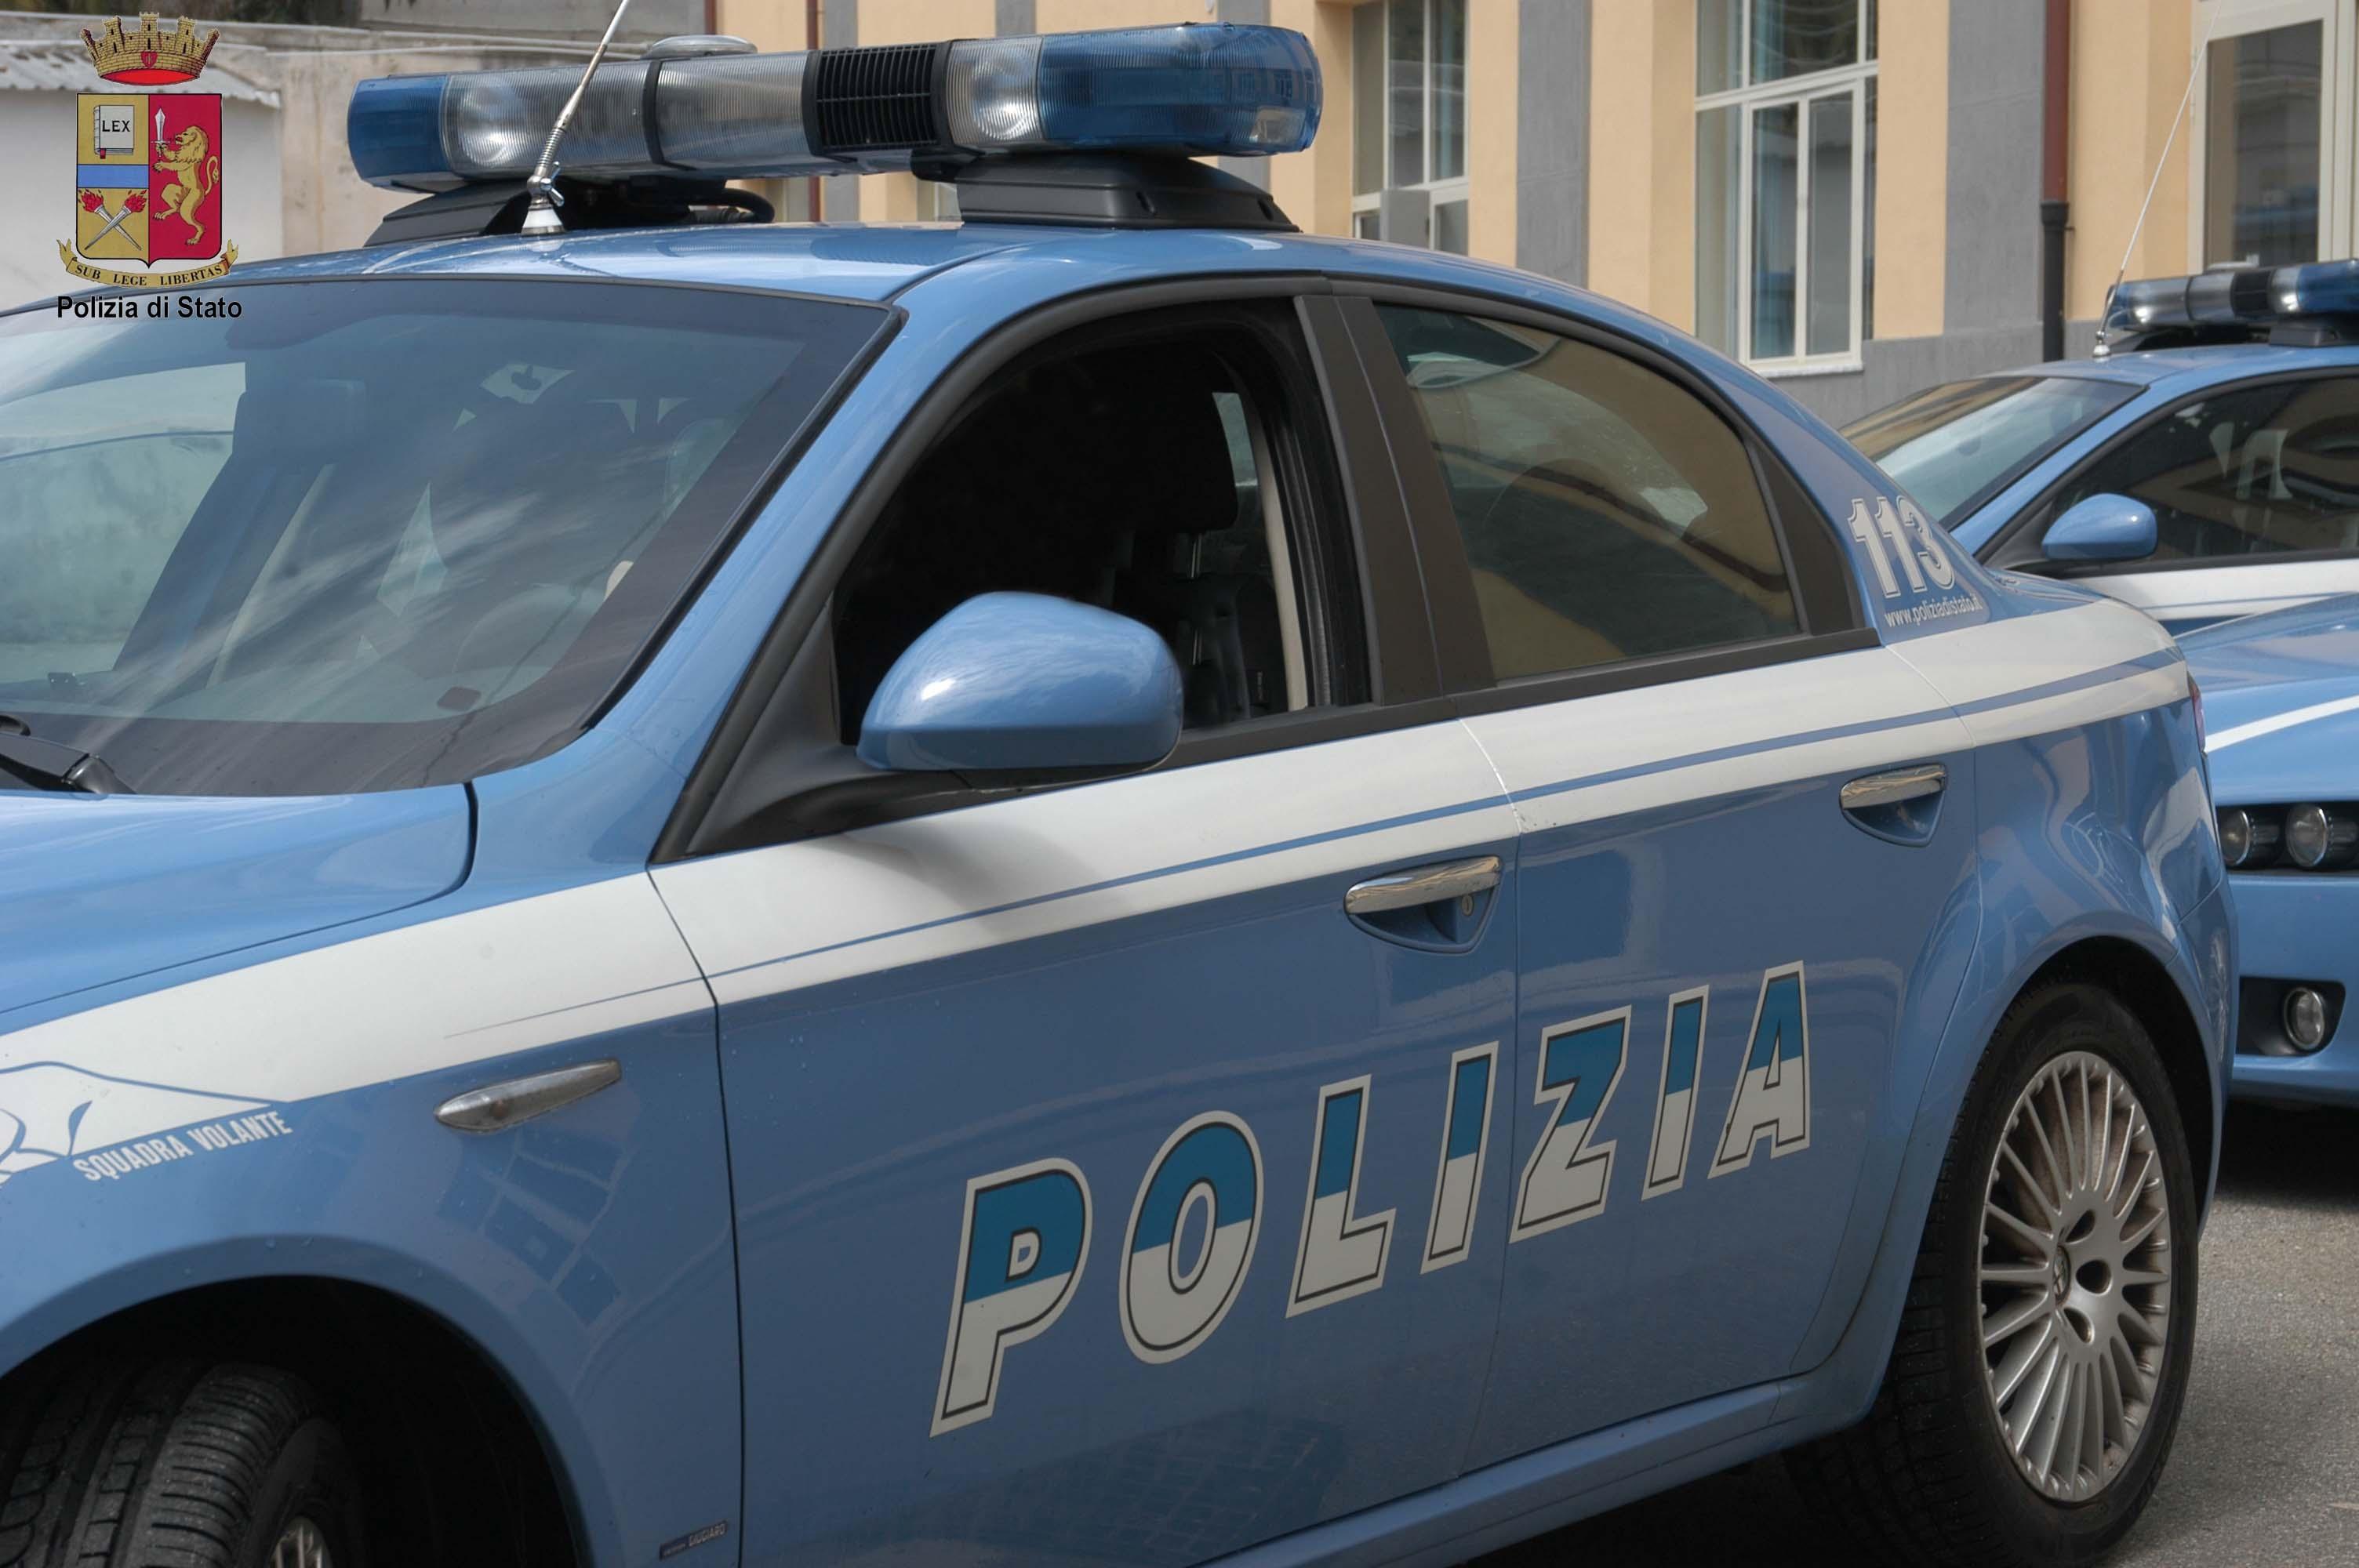 Report consuntivo dell'attività svolta dalla Polizia in Provincia di Trapani dal 16  al 22 dicembre